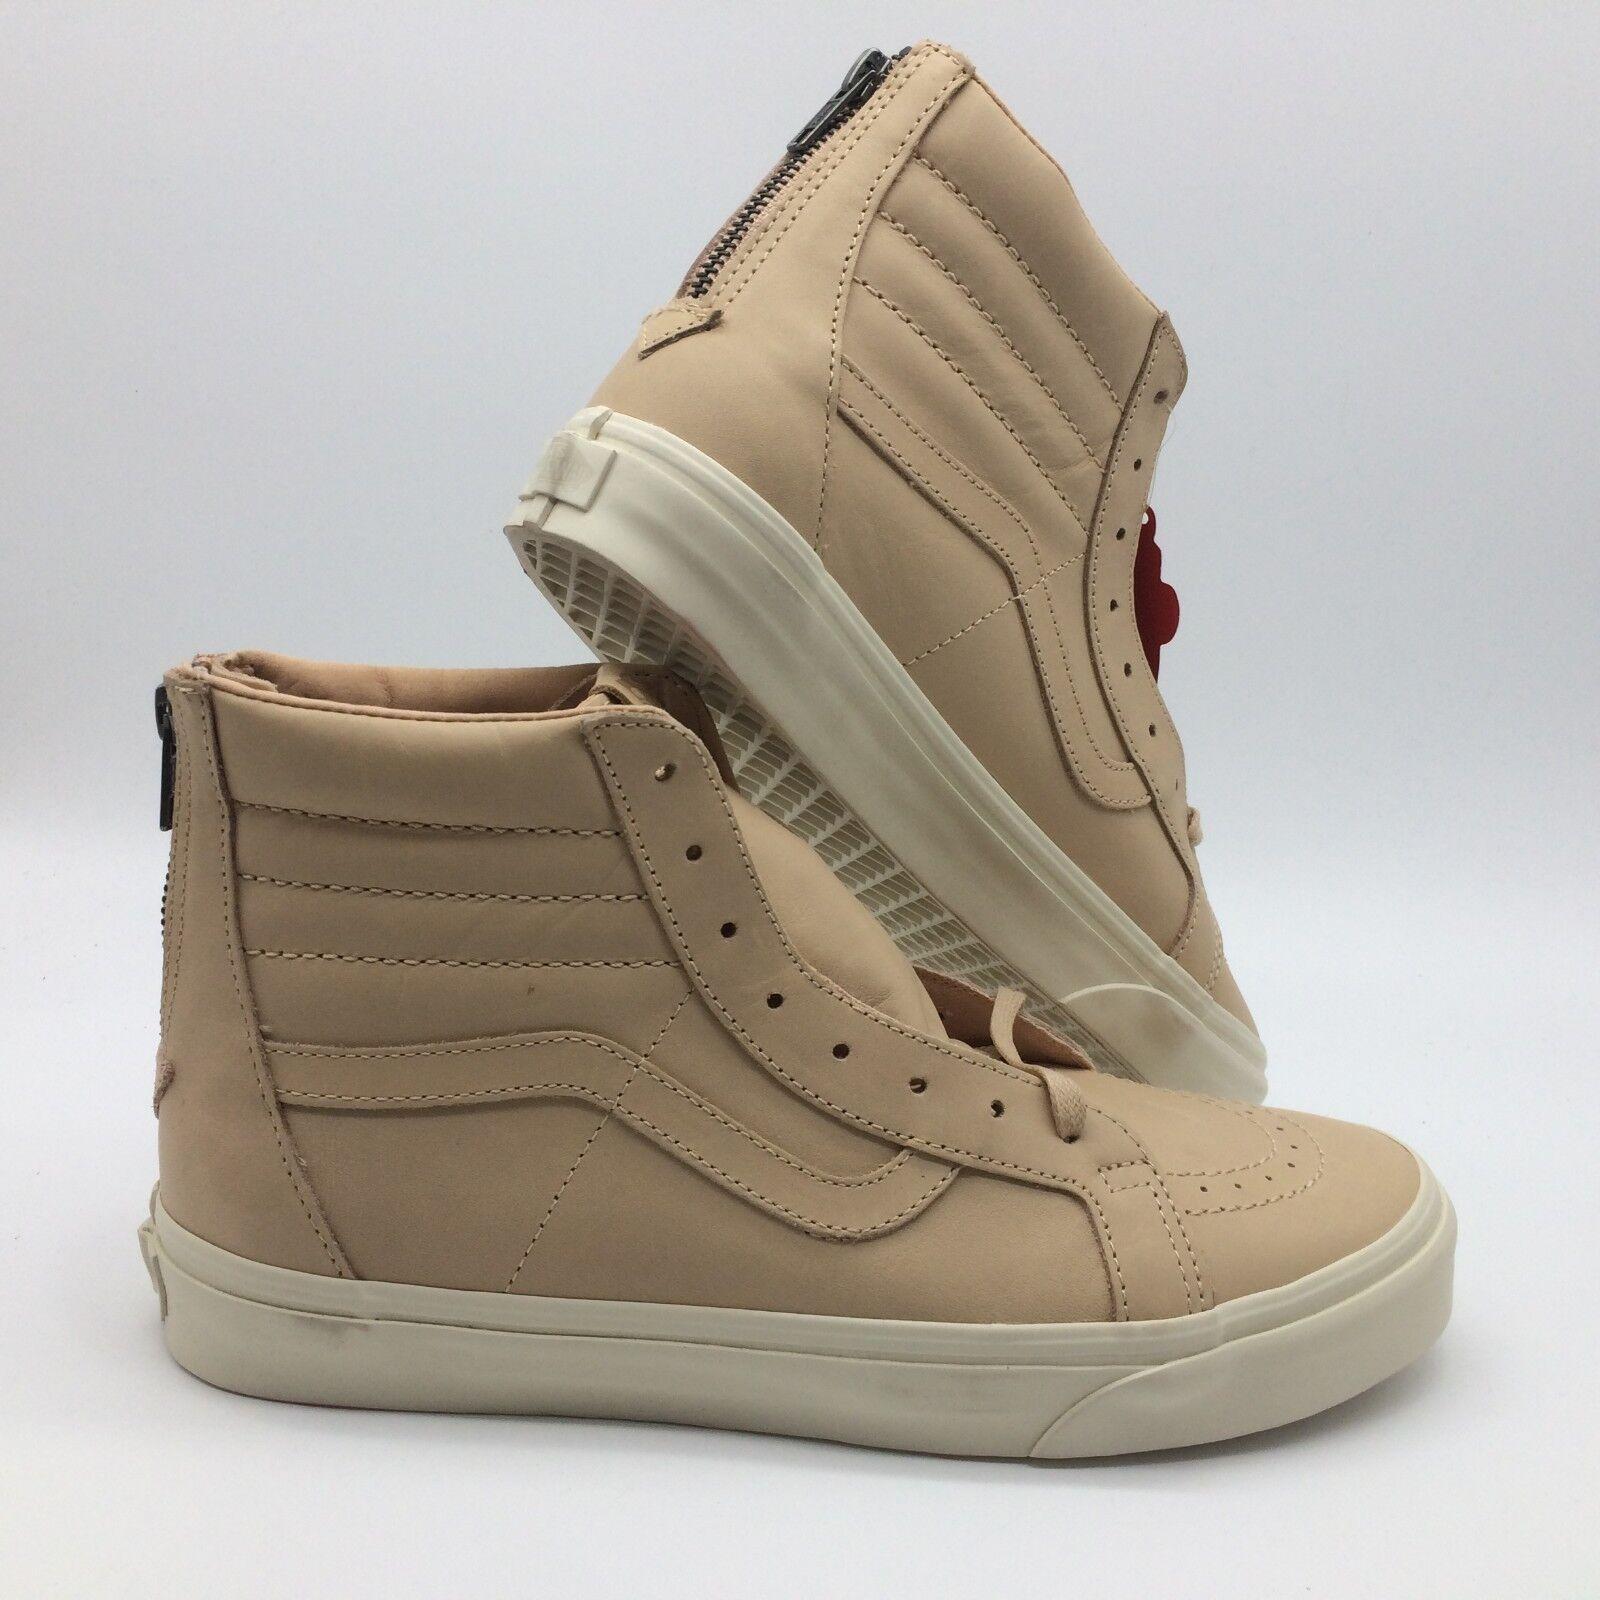 Vans Men's shoes ''Sk8 Hi Reissue Zip'' (Veggie Tan Leather) tan